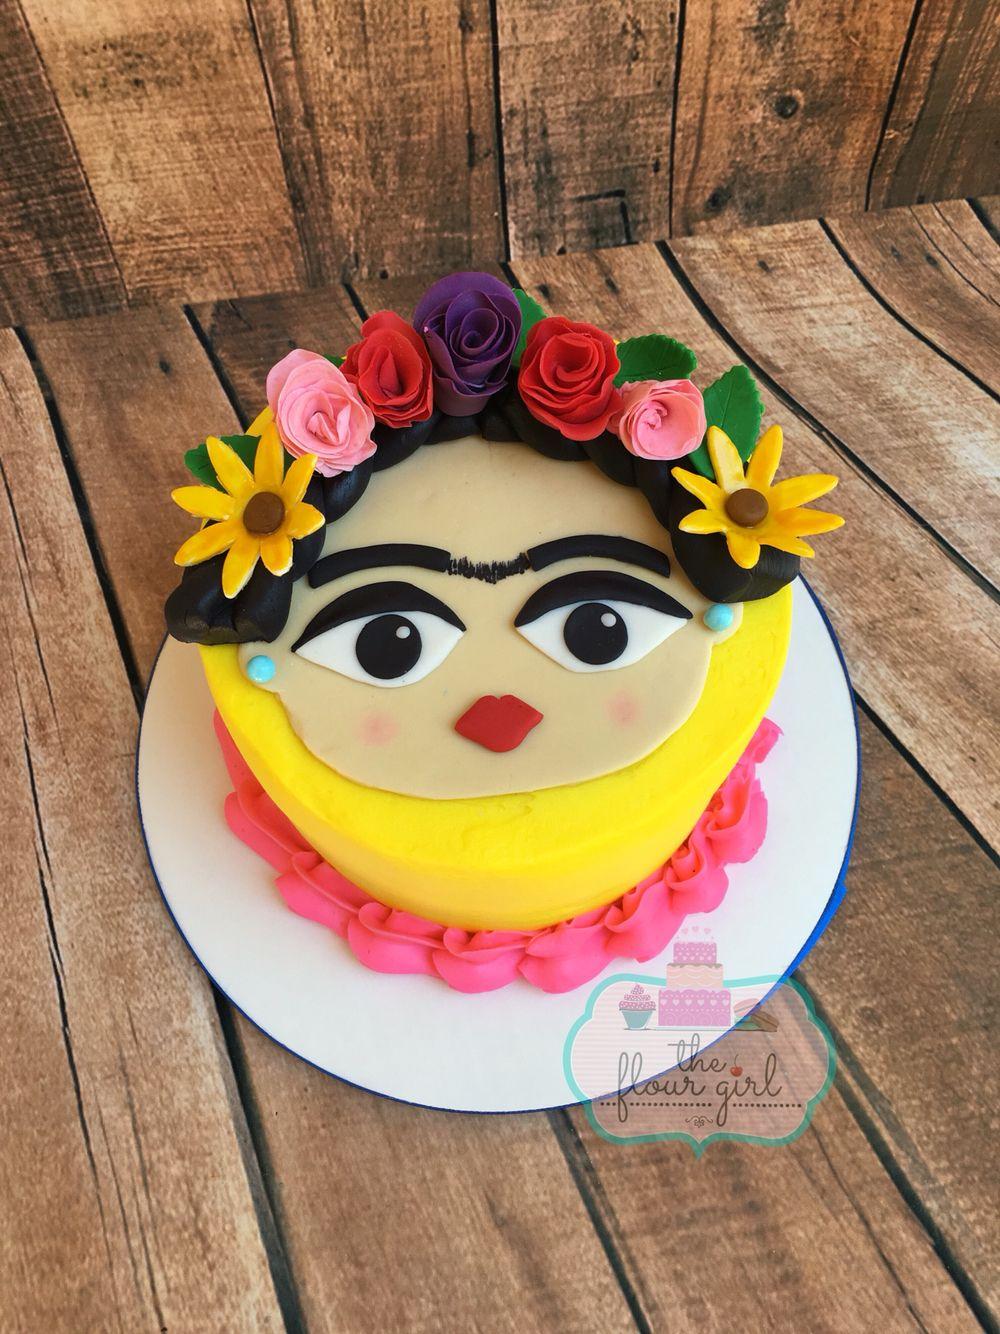 Frida Kahlo Buttercream Cake With Fondant Topper Flowers